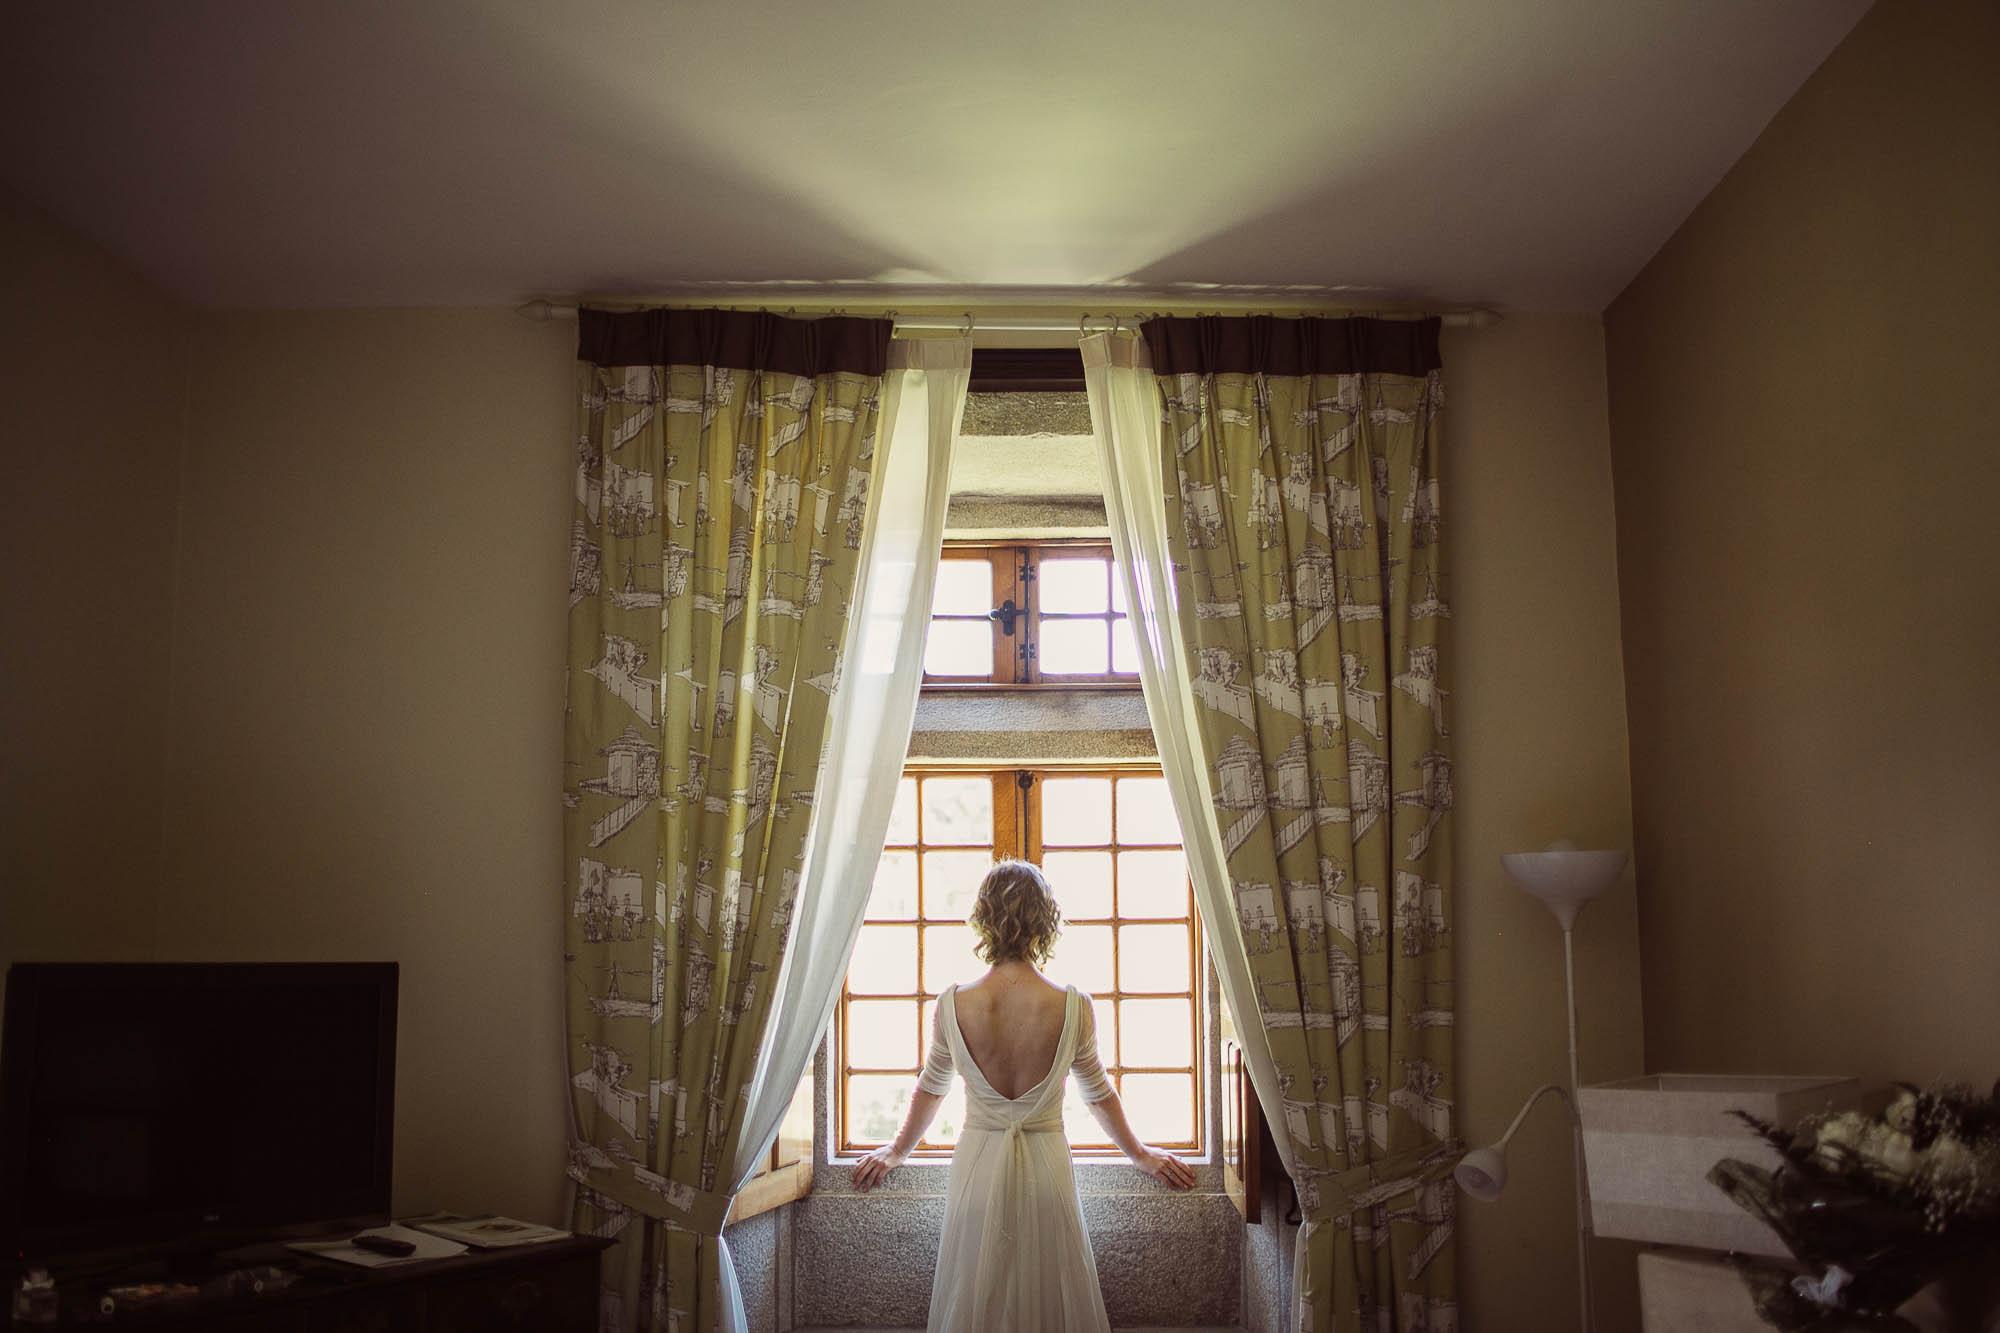 La novia mirando por la ventana antes de salir